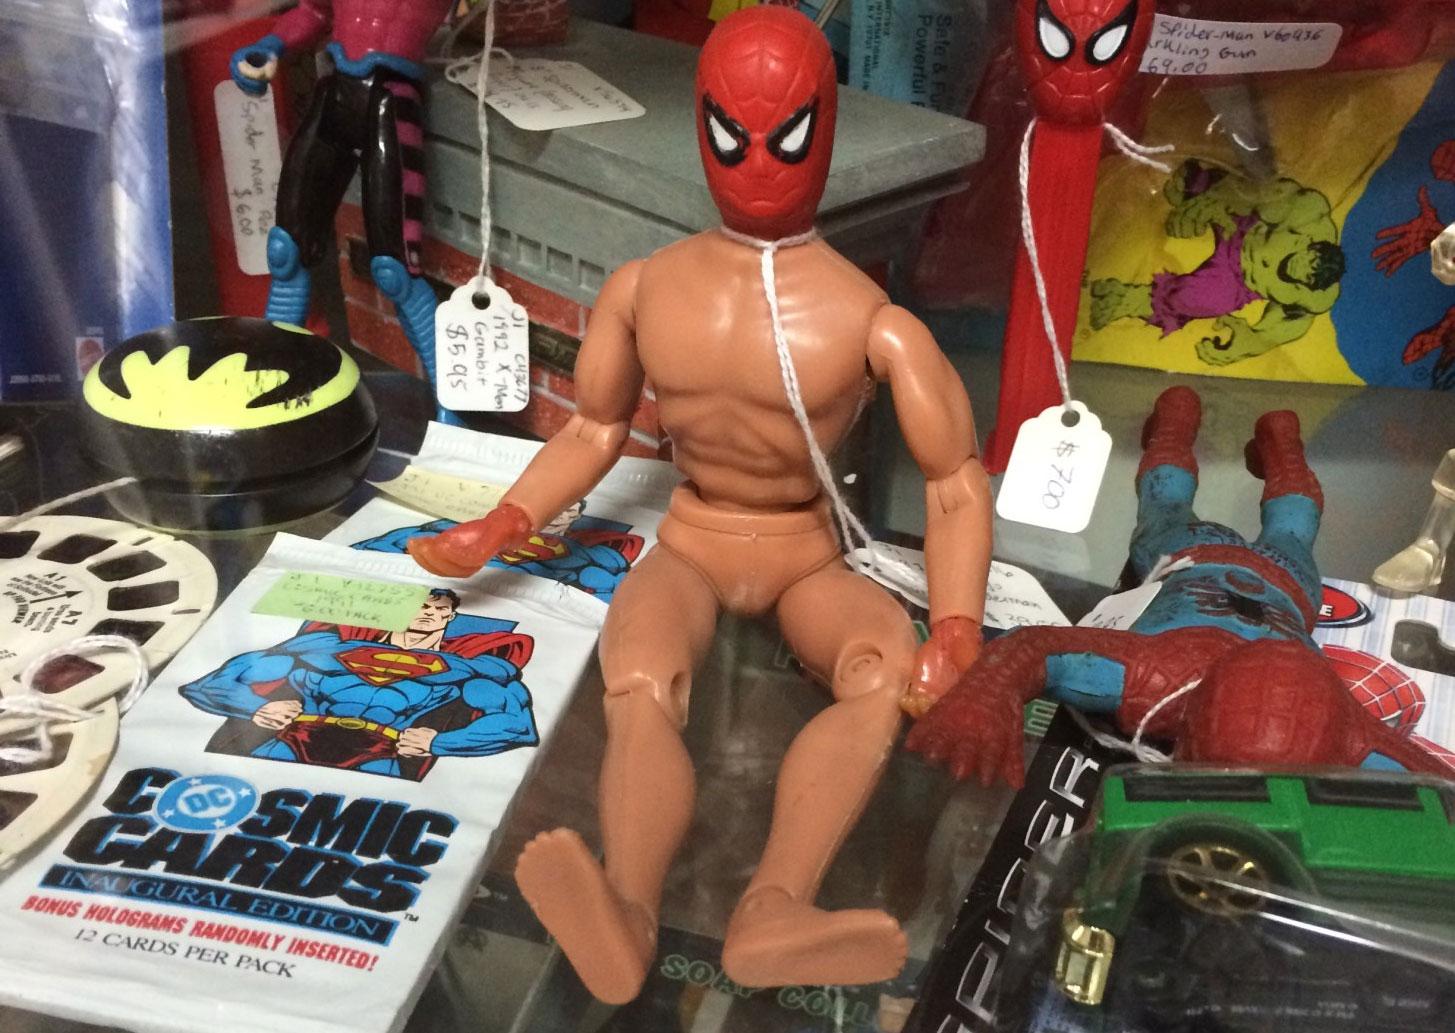 spider-stripper